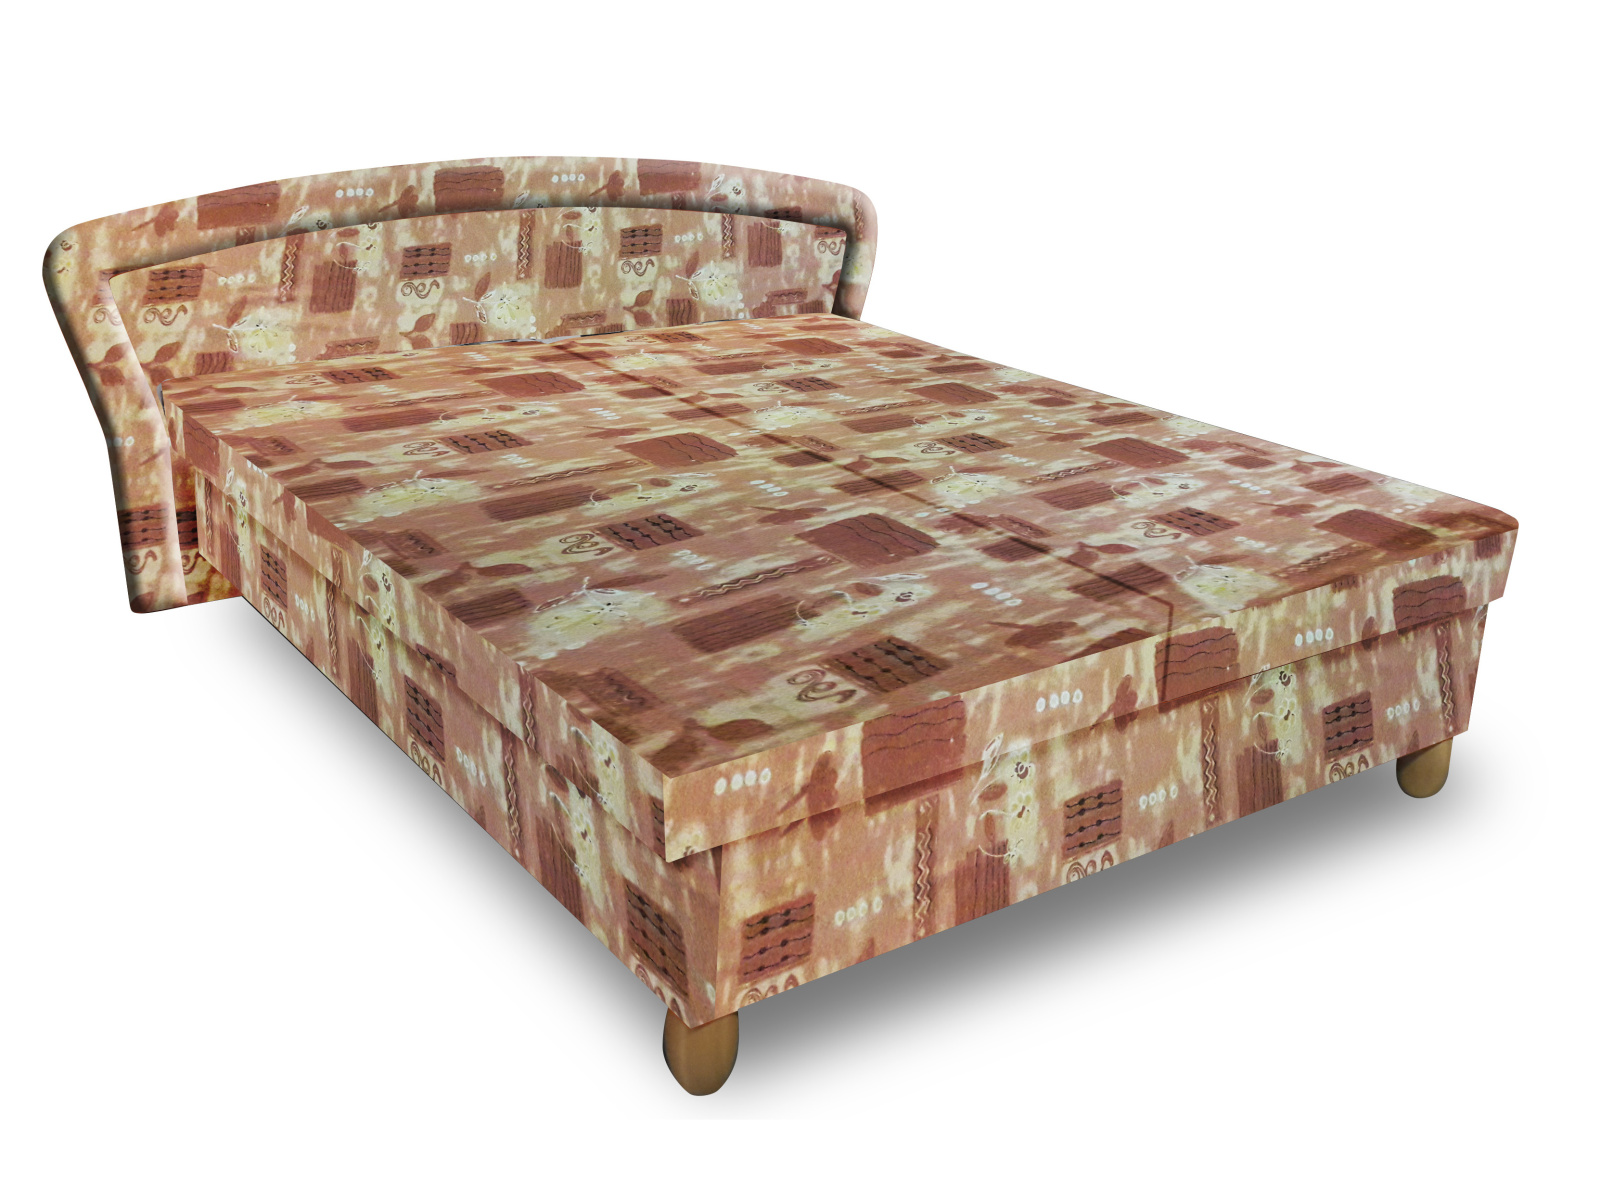 Smartshop Čalouněná postel PAVLA 120x200 cm, hnědá látka